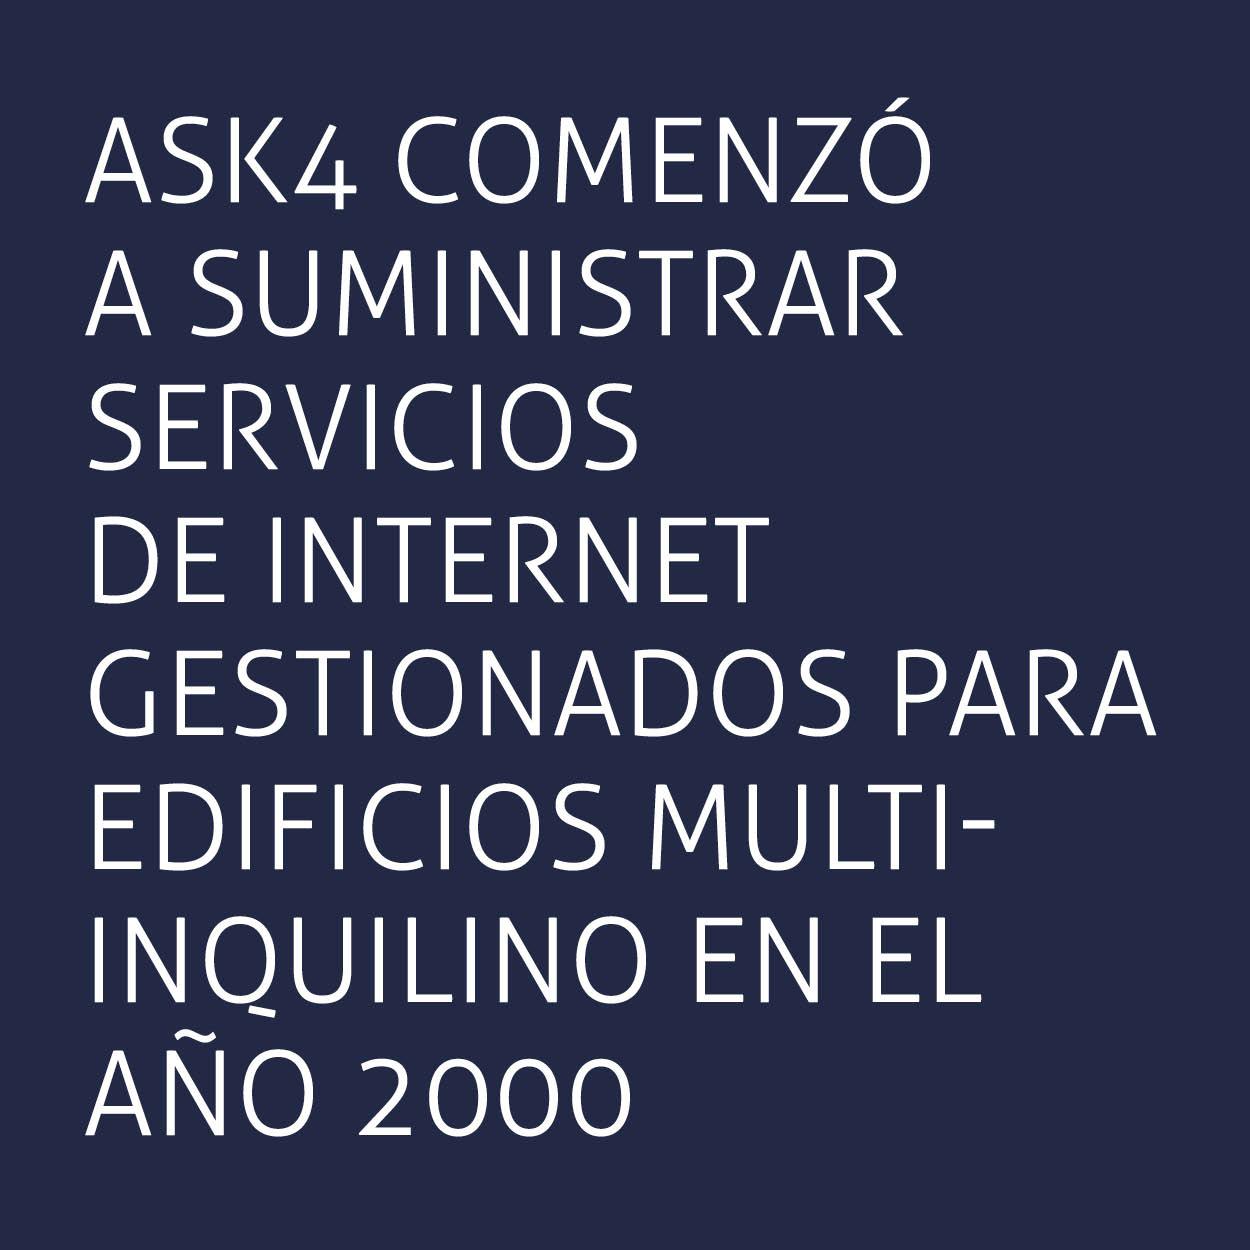 ASK4 comenzó a suministrar servicios de internet gestionados para edificios multi-inquilino en el año 2000